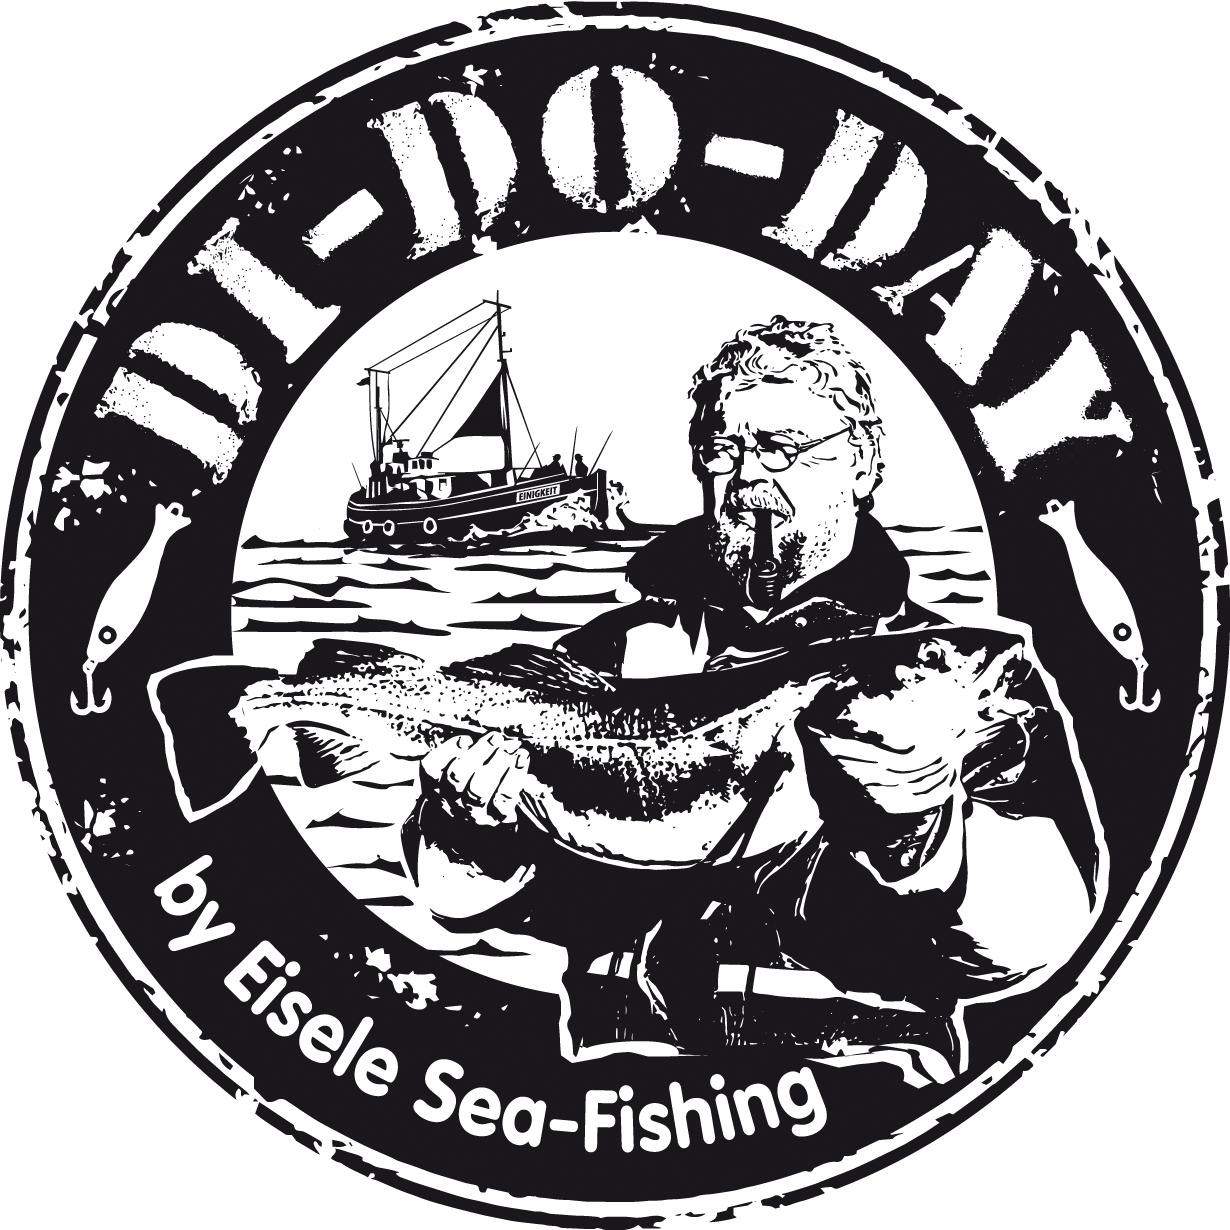 Der DiDoDay fand dieses Jahr schon zum elften Mal statt und ist mittlerweile eine Kultveranstaltung für viele Meeresangler